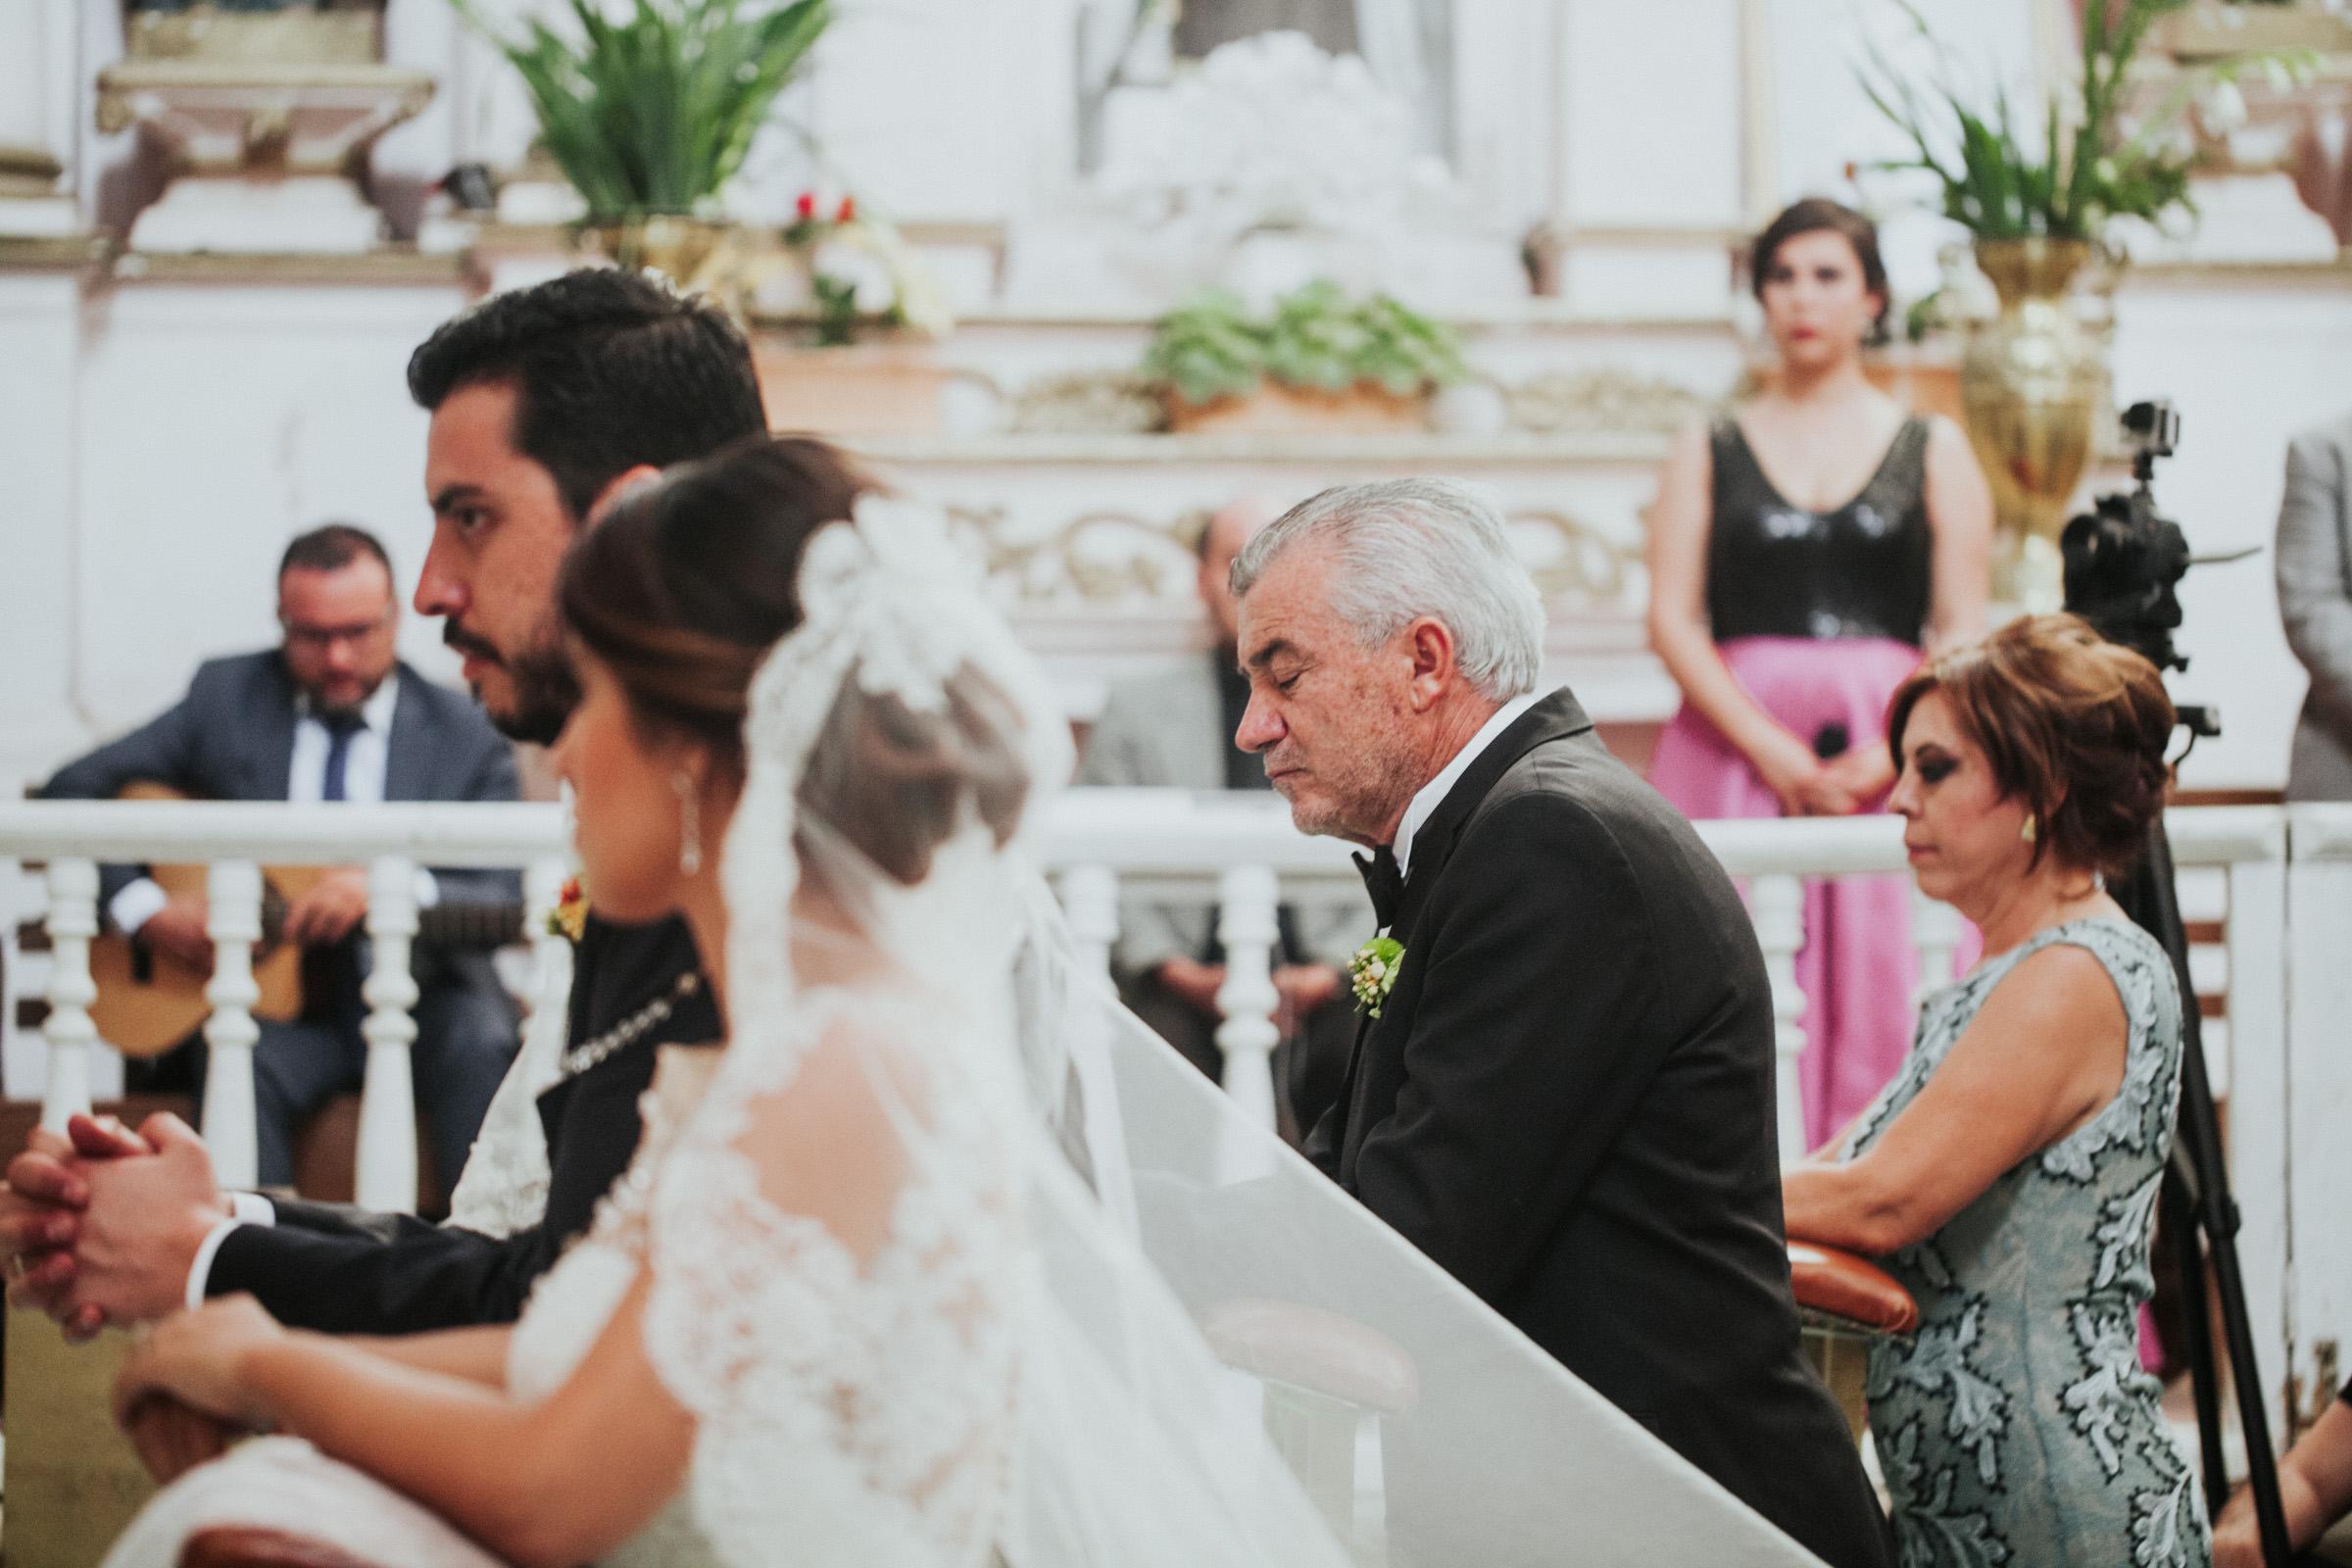 Boda-Guanajuato-Camino-de-Vinos-San-Miguel-Allende-Wedding-Fotografia-Paulina-Mauricio-Pierce0188.JPG